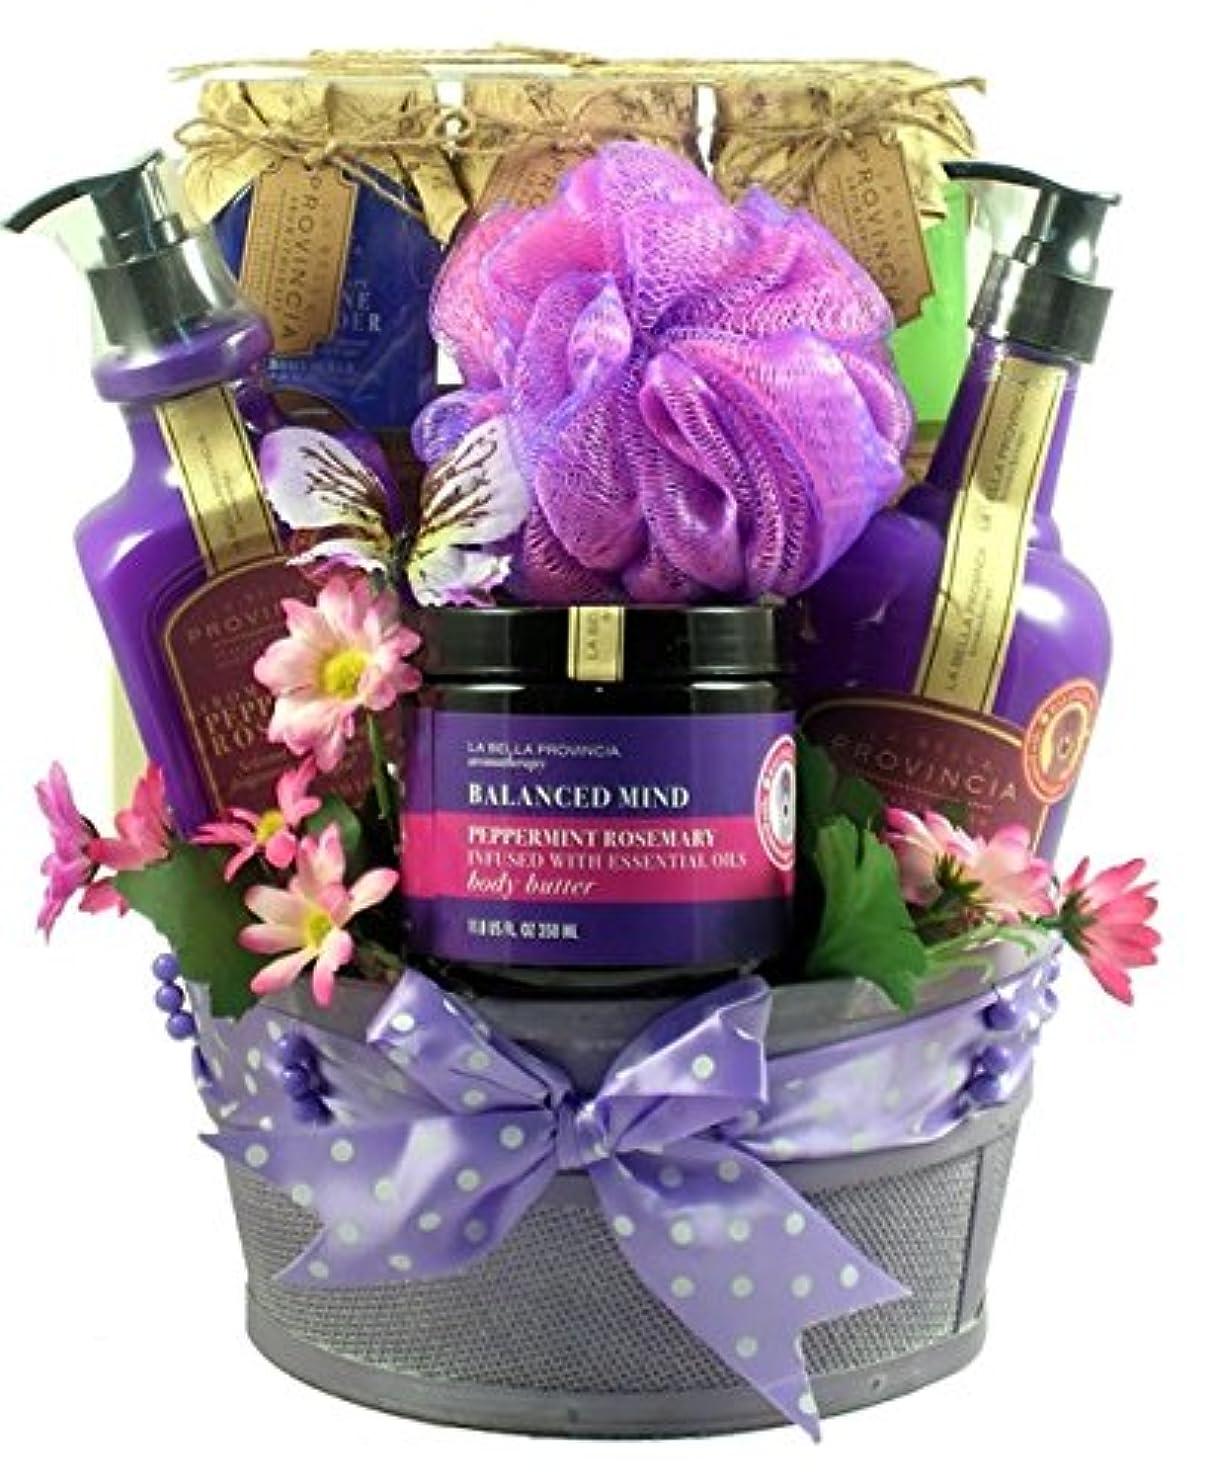 取得する麦芽酸っぱいGift Basket Drop Shipping ArTh Aroma Therapy Spa Collection Gift Basket